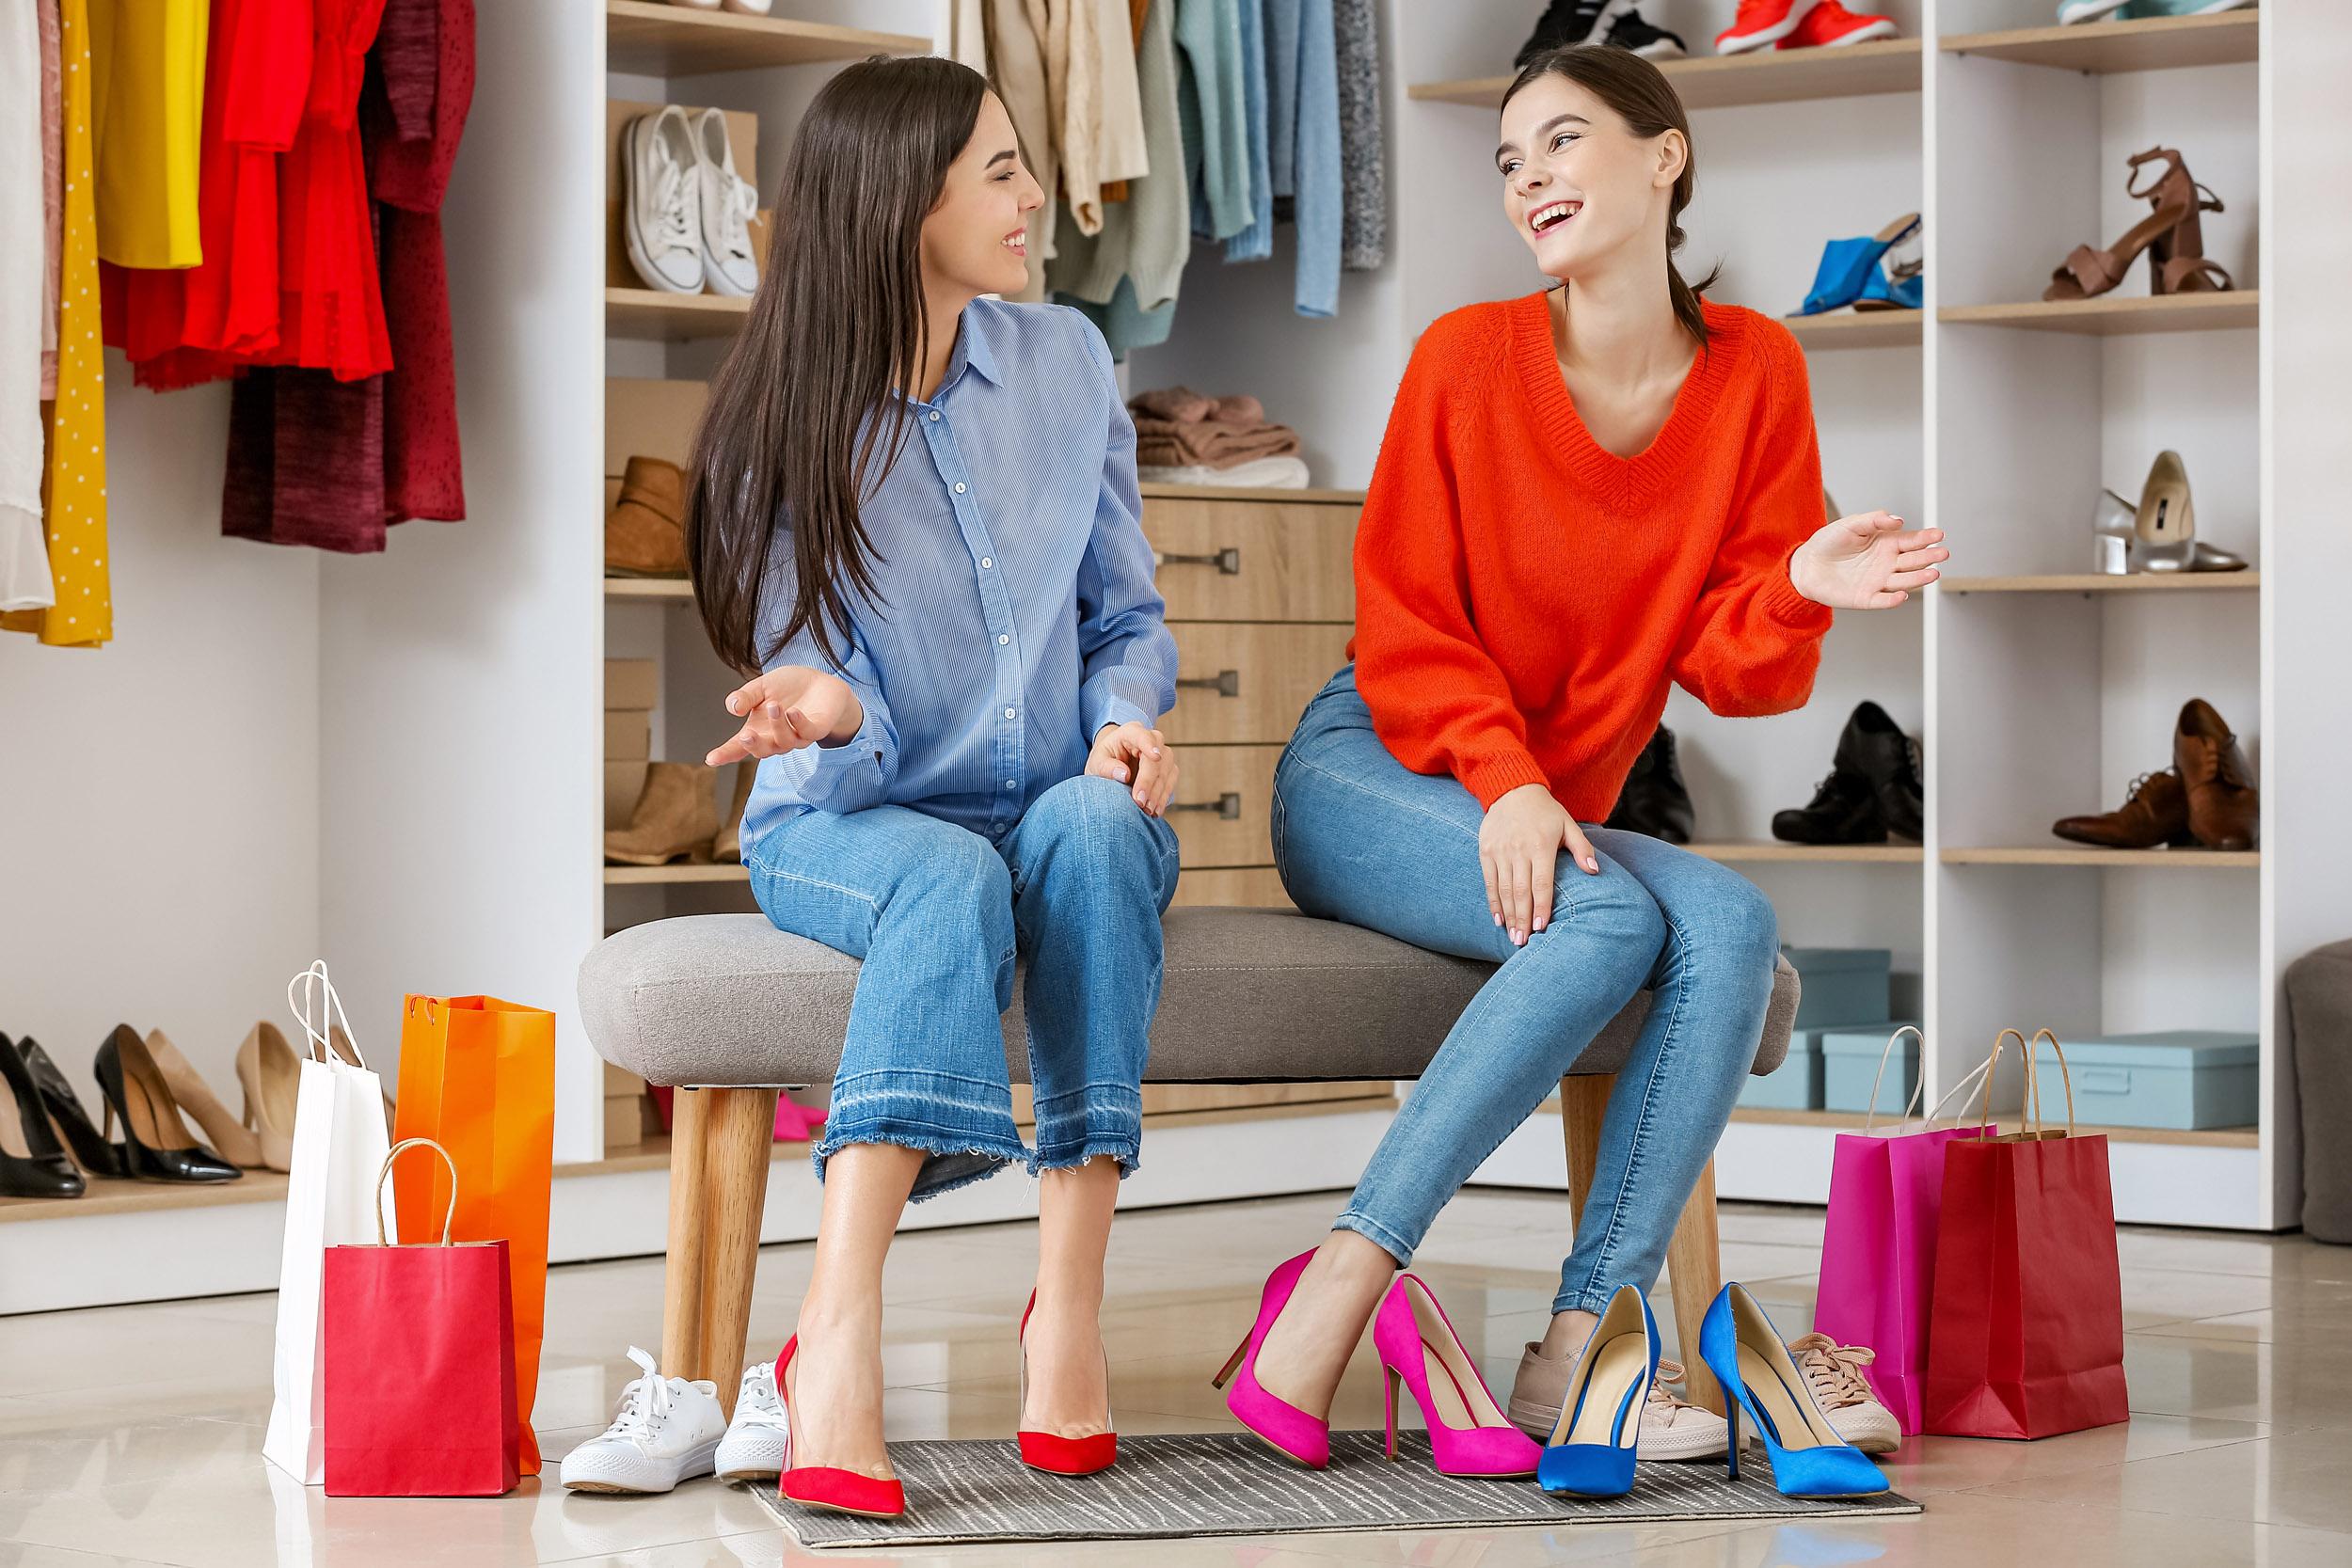 Young women choosing shoes in modern store